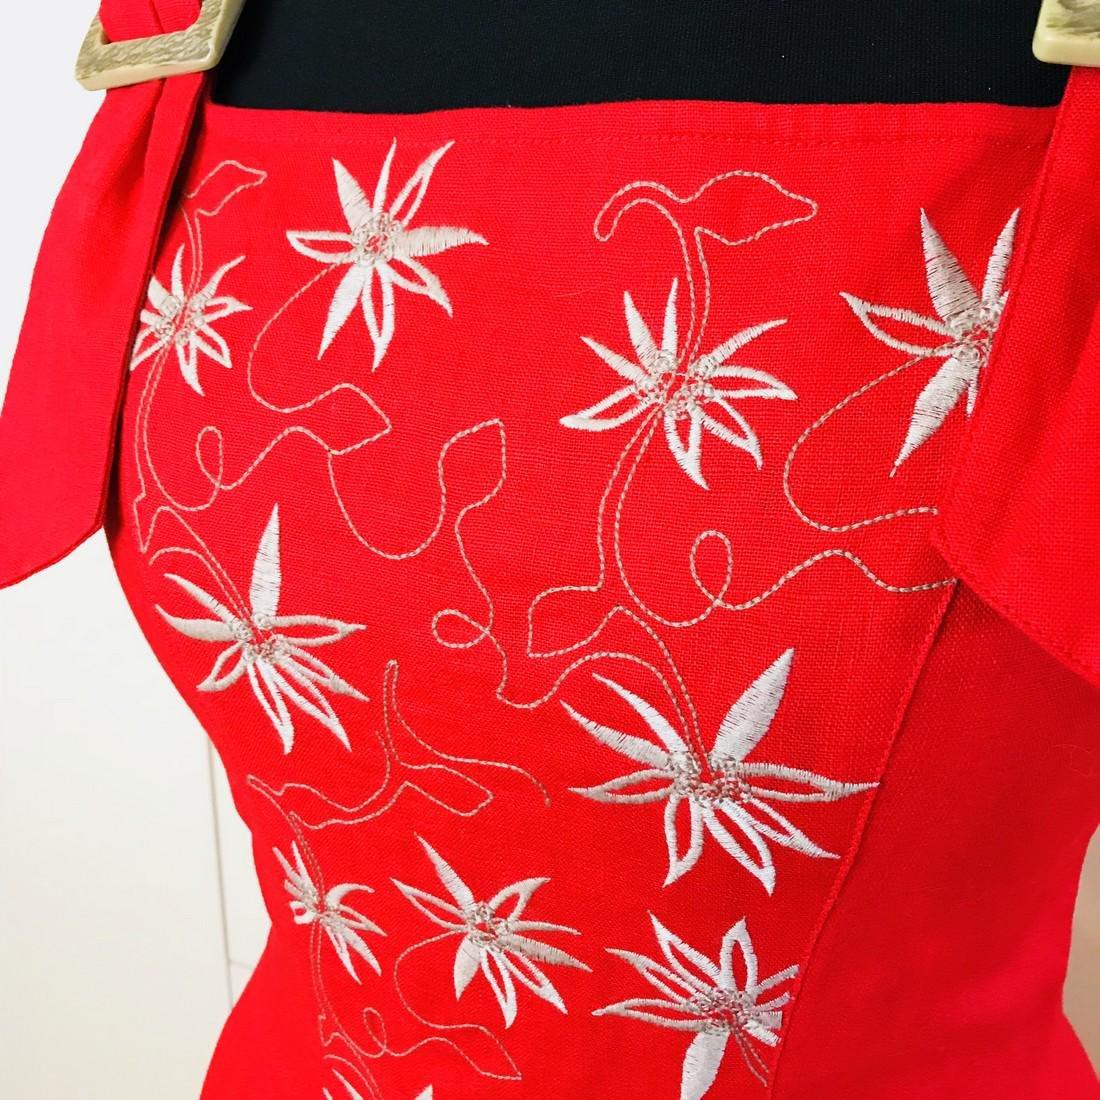 Vintage Women's Alphorn Linen Austrian Tyrolean Dress - 4